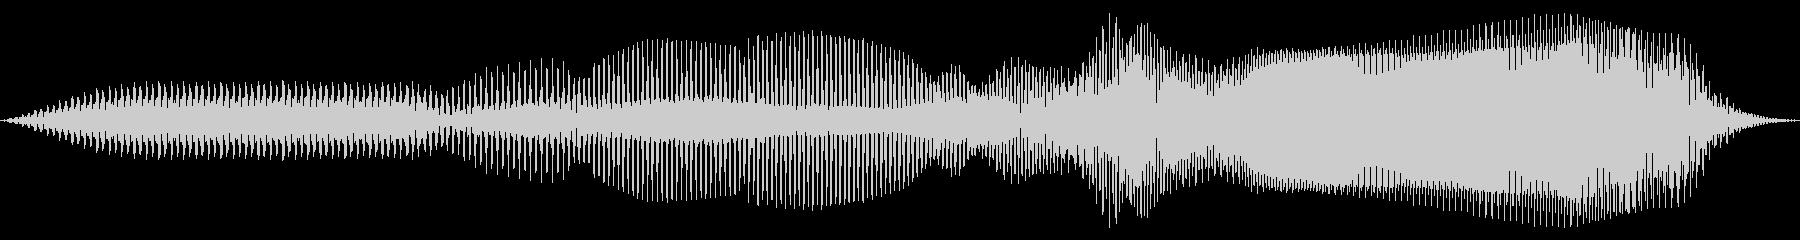 コミカル クラリネオ 上昇の未再生の波形